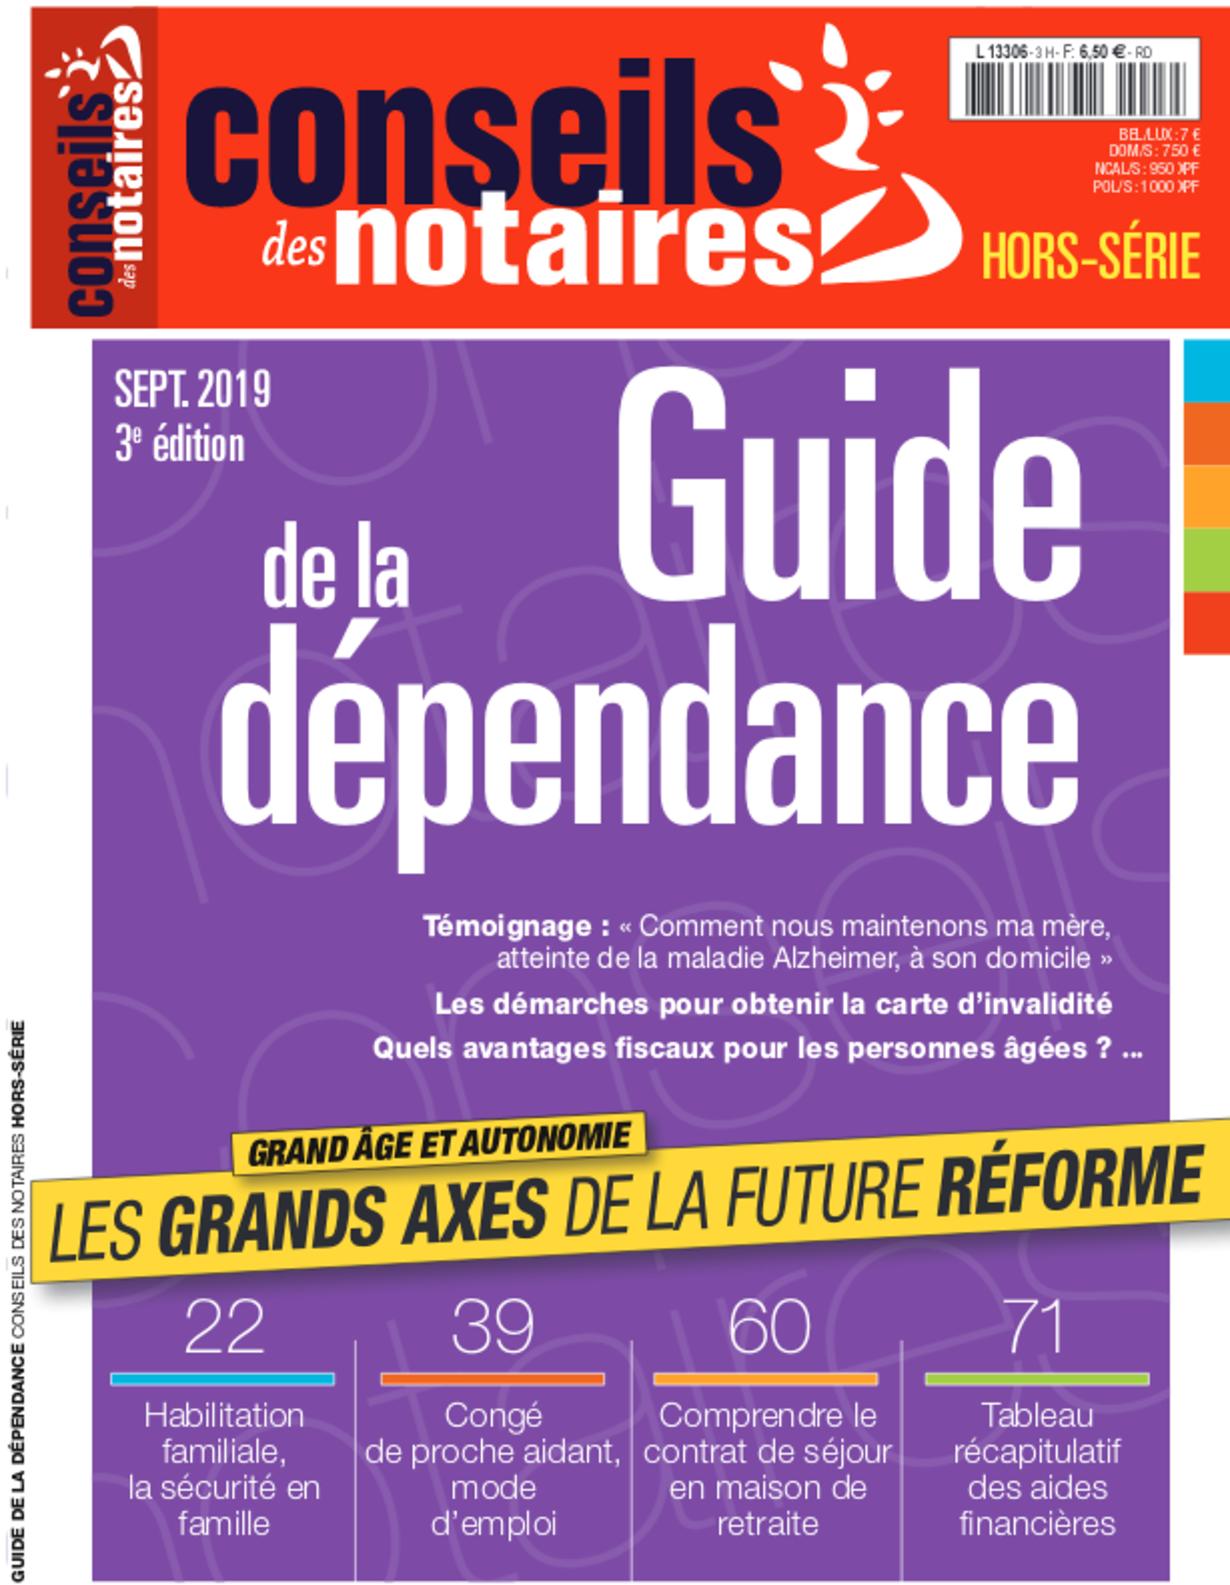 3eme edition - hors-serie - sept 2019